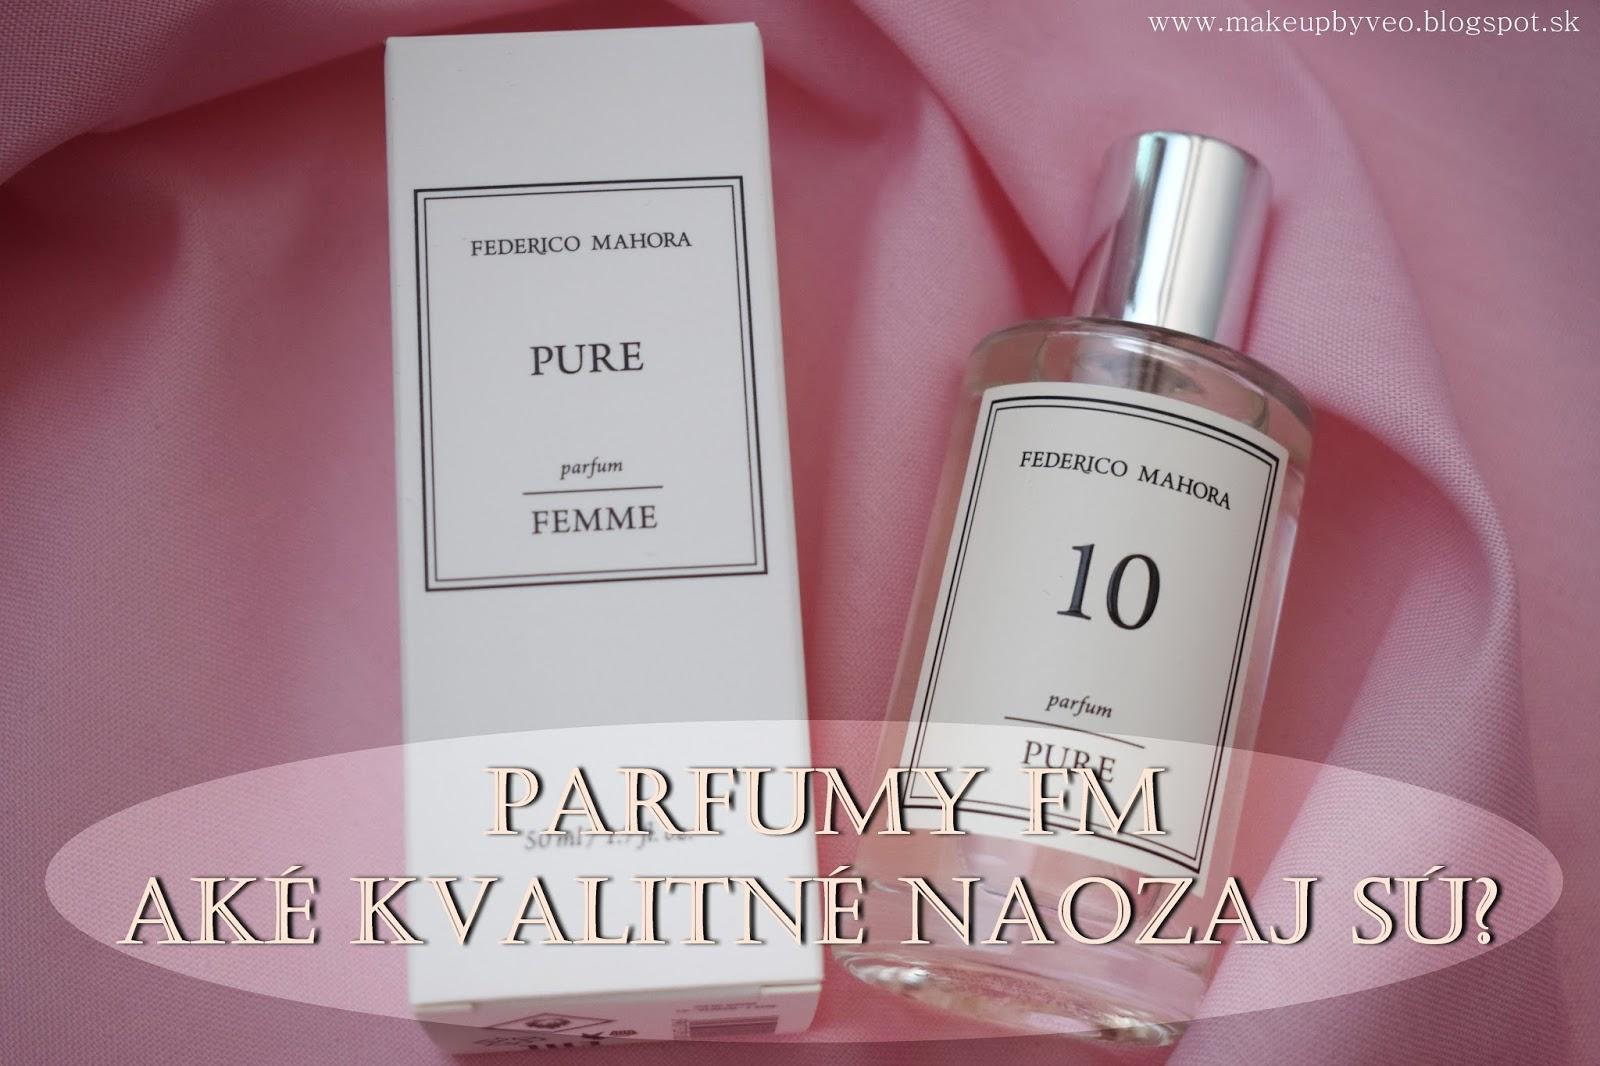 3aa4dca5f2 Make up by Veo  Recenzia parfumu FM  Aké naozaj sú